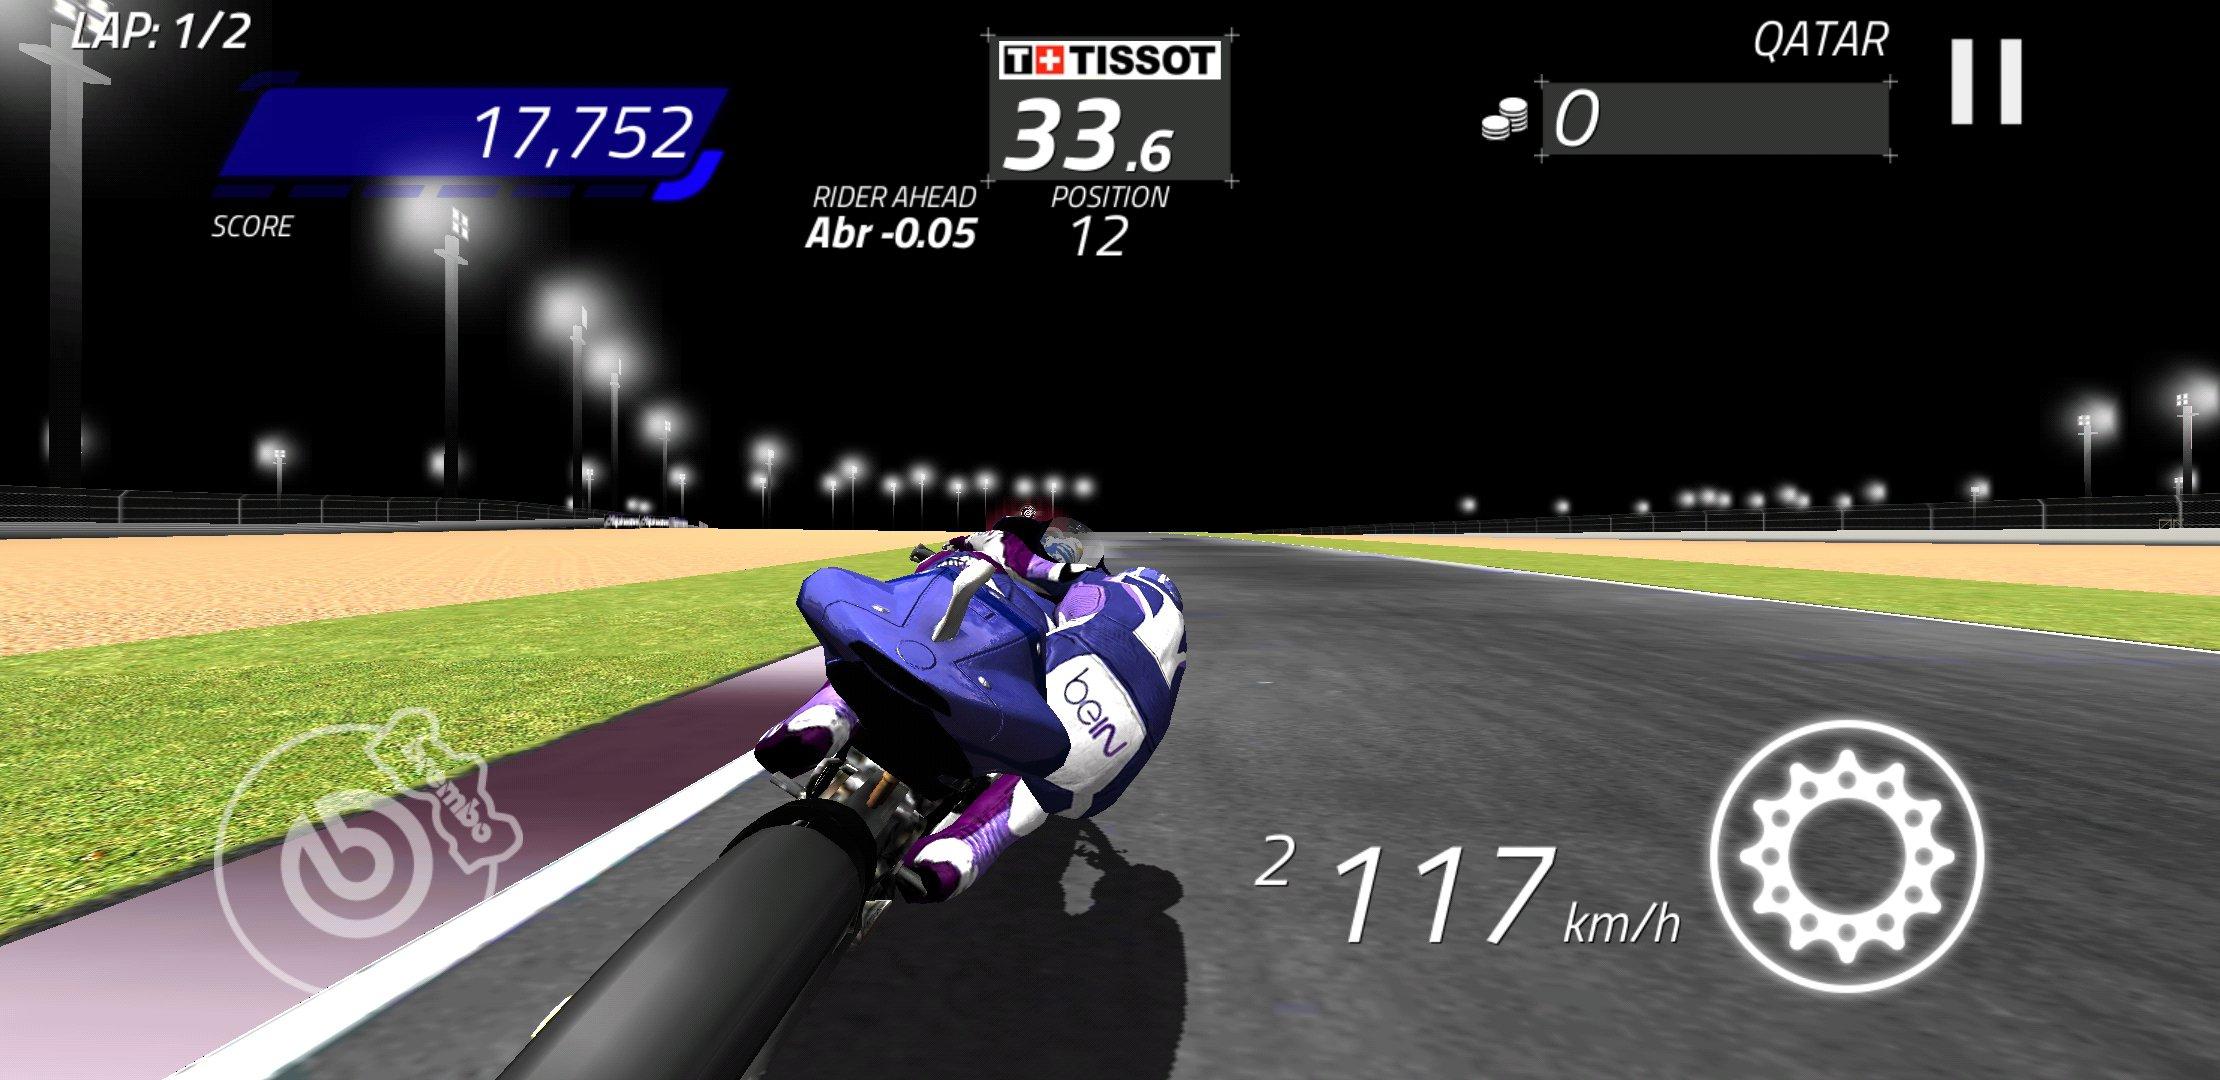 Motogp Racing 2019 3.1.6 - Télécharger Pour Android Apk destiné Jeux Moto En Ligne Gratuit